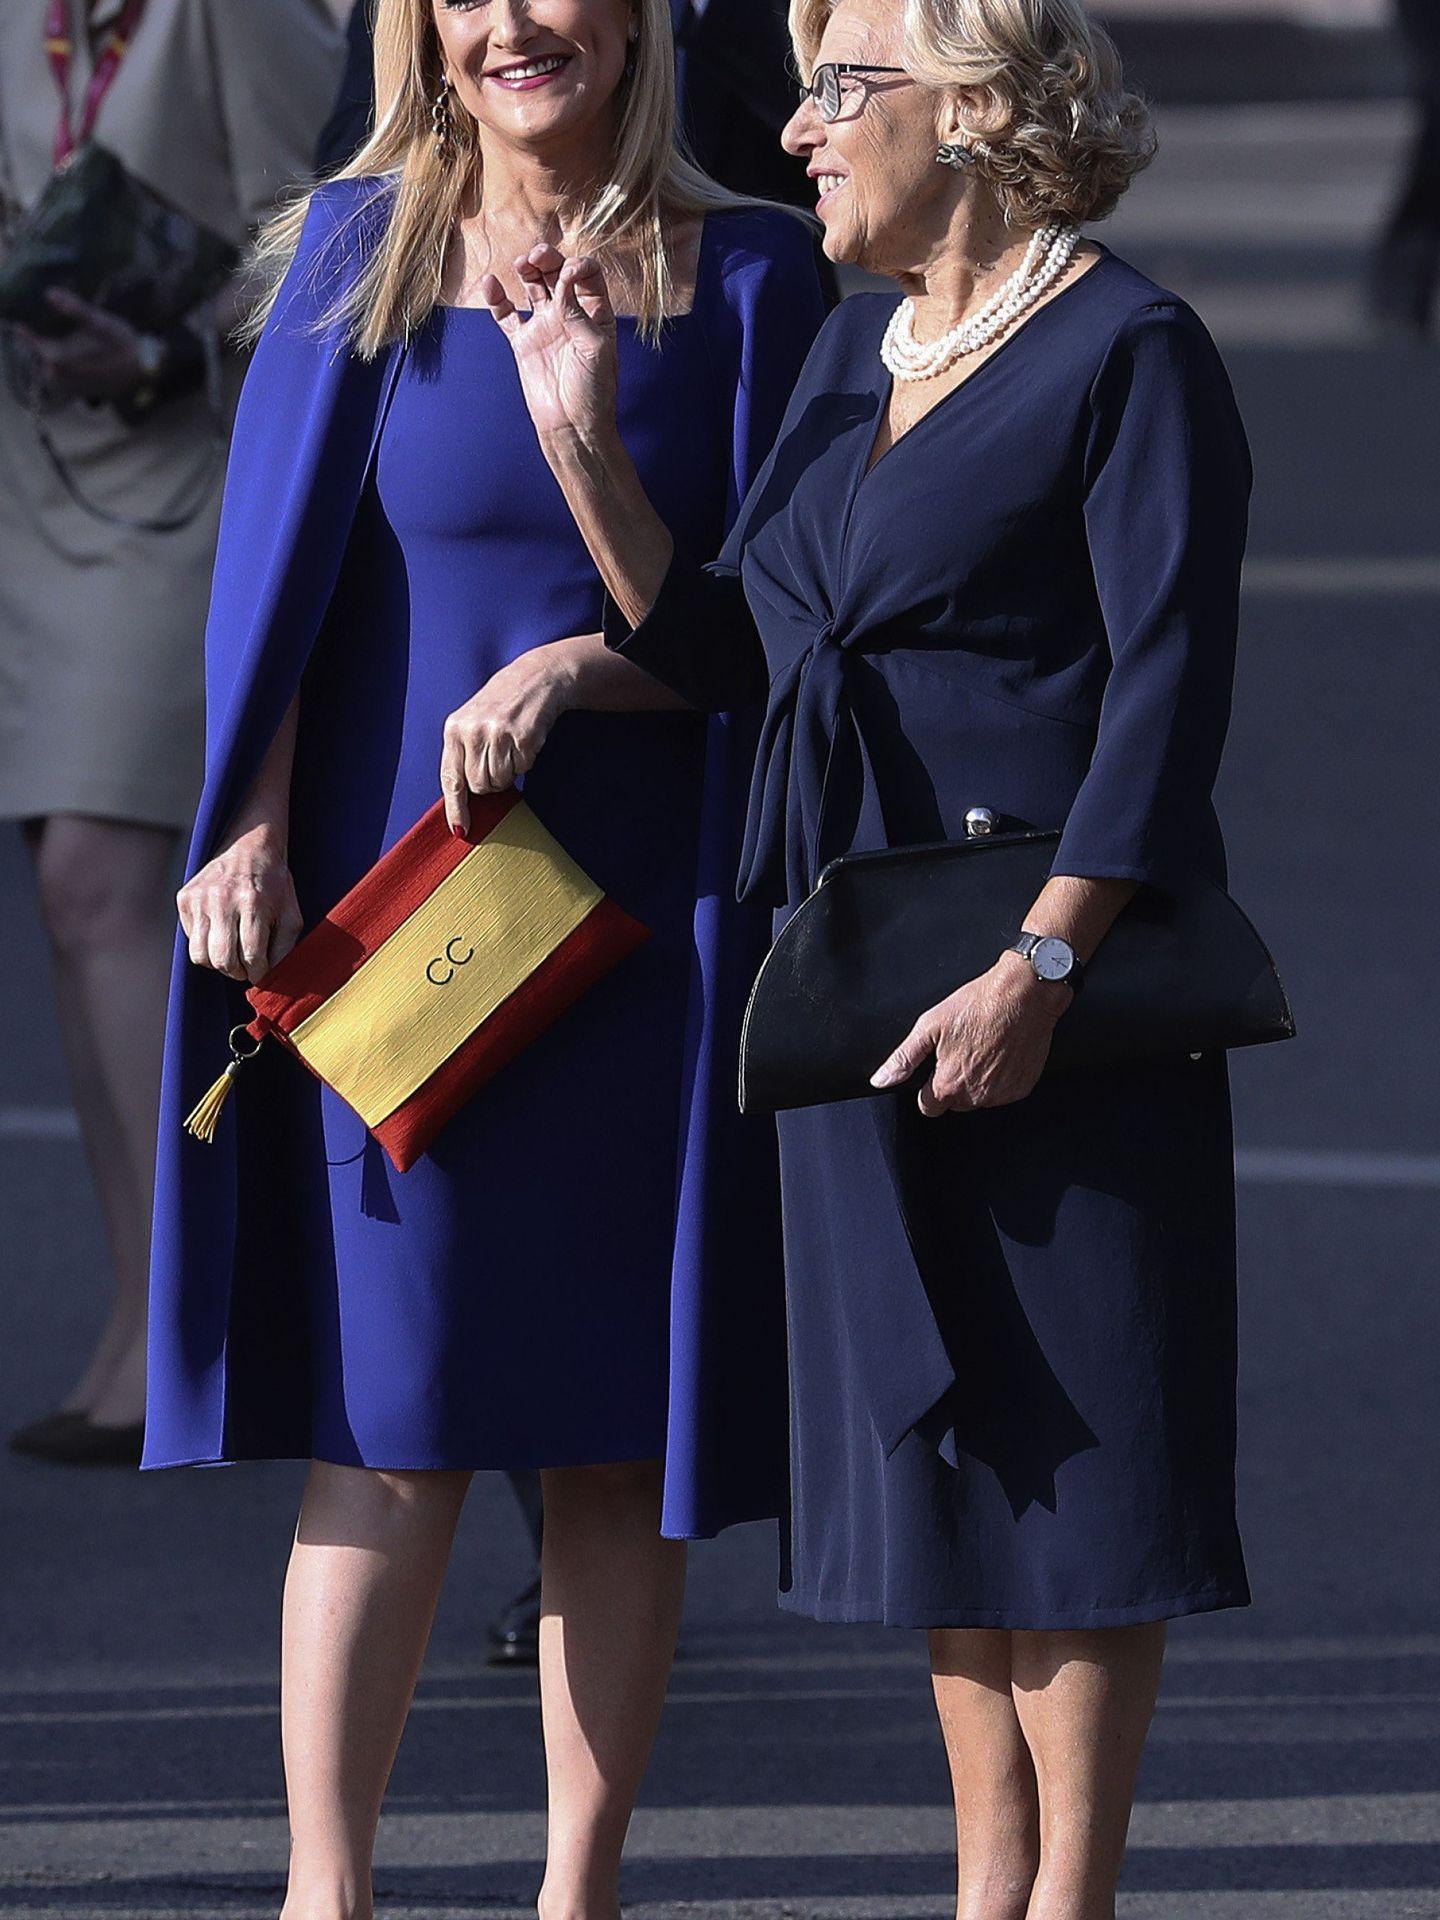 Cristina Cifuentes y Manuela Carmena, presidenta y alcaldesa de Madrid, el pasado 12 de octubre en la capital. (EFE)